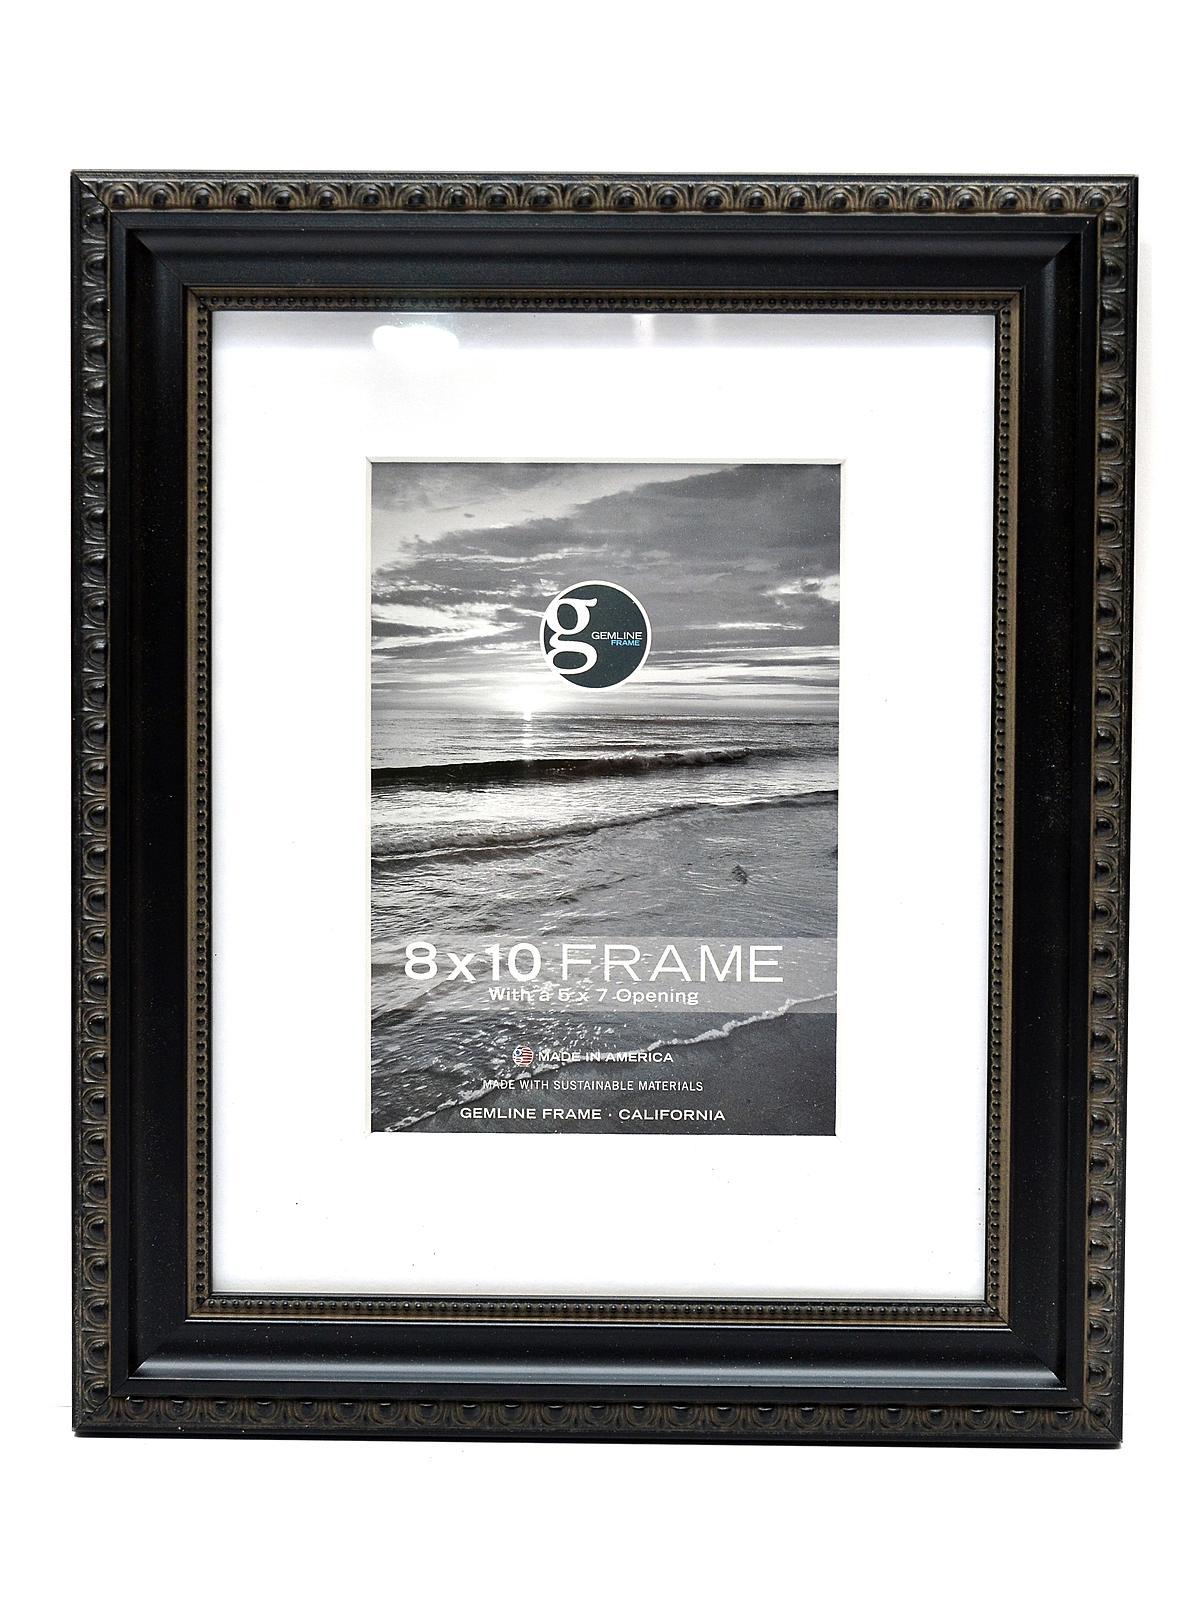 012 Designer Edge With Beaded Lip Frame 8 In. X 10 In. Black 5 In. X 7 In. Opening